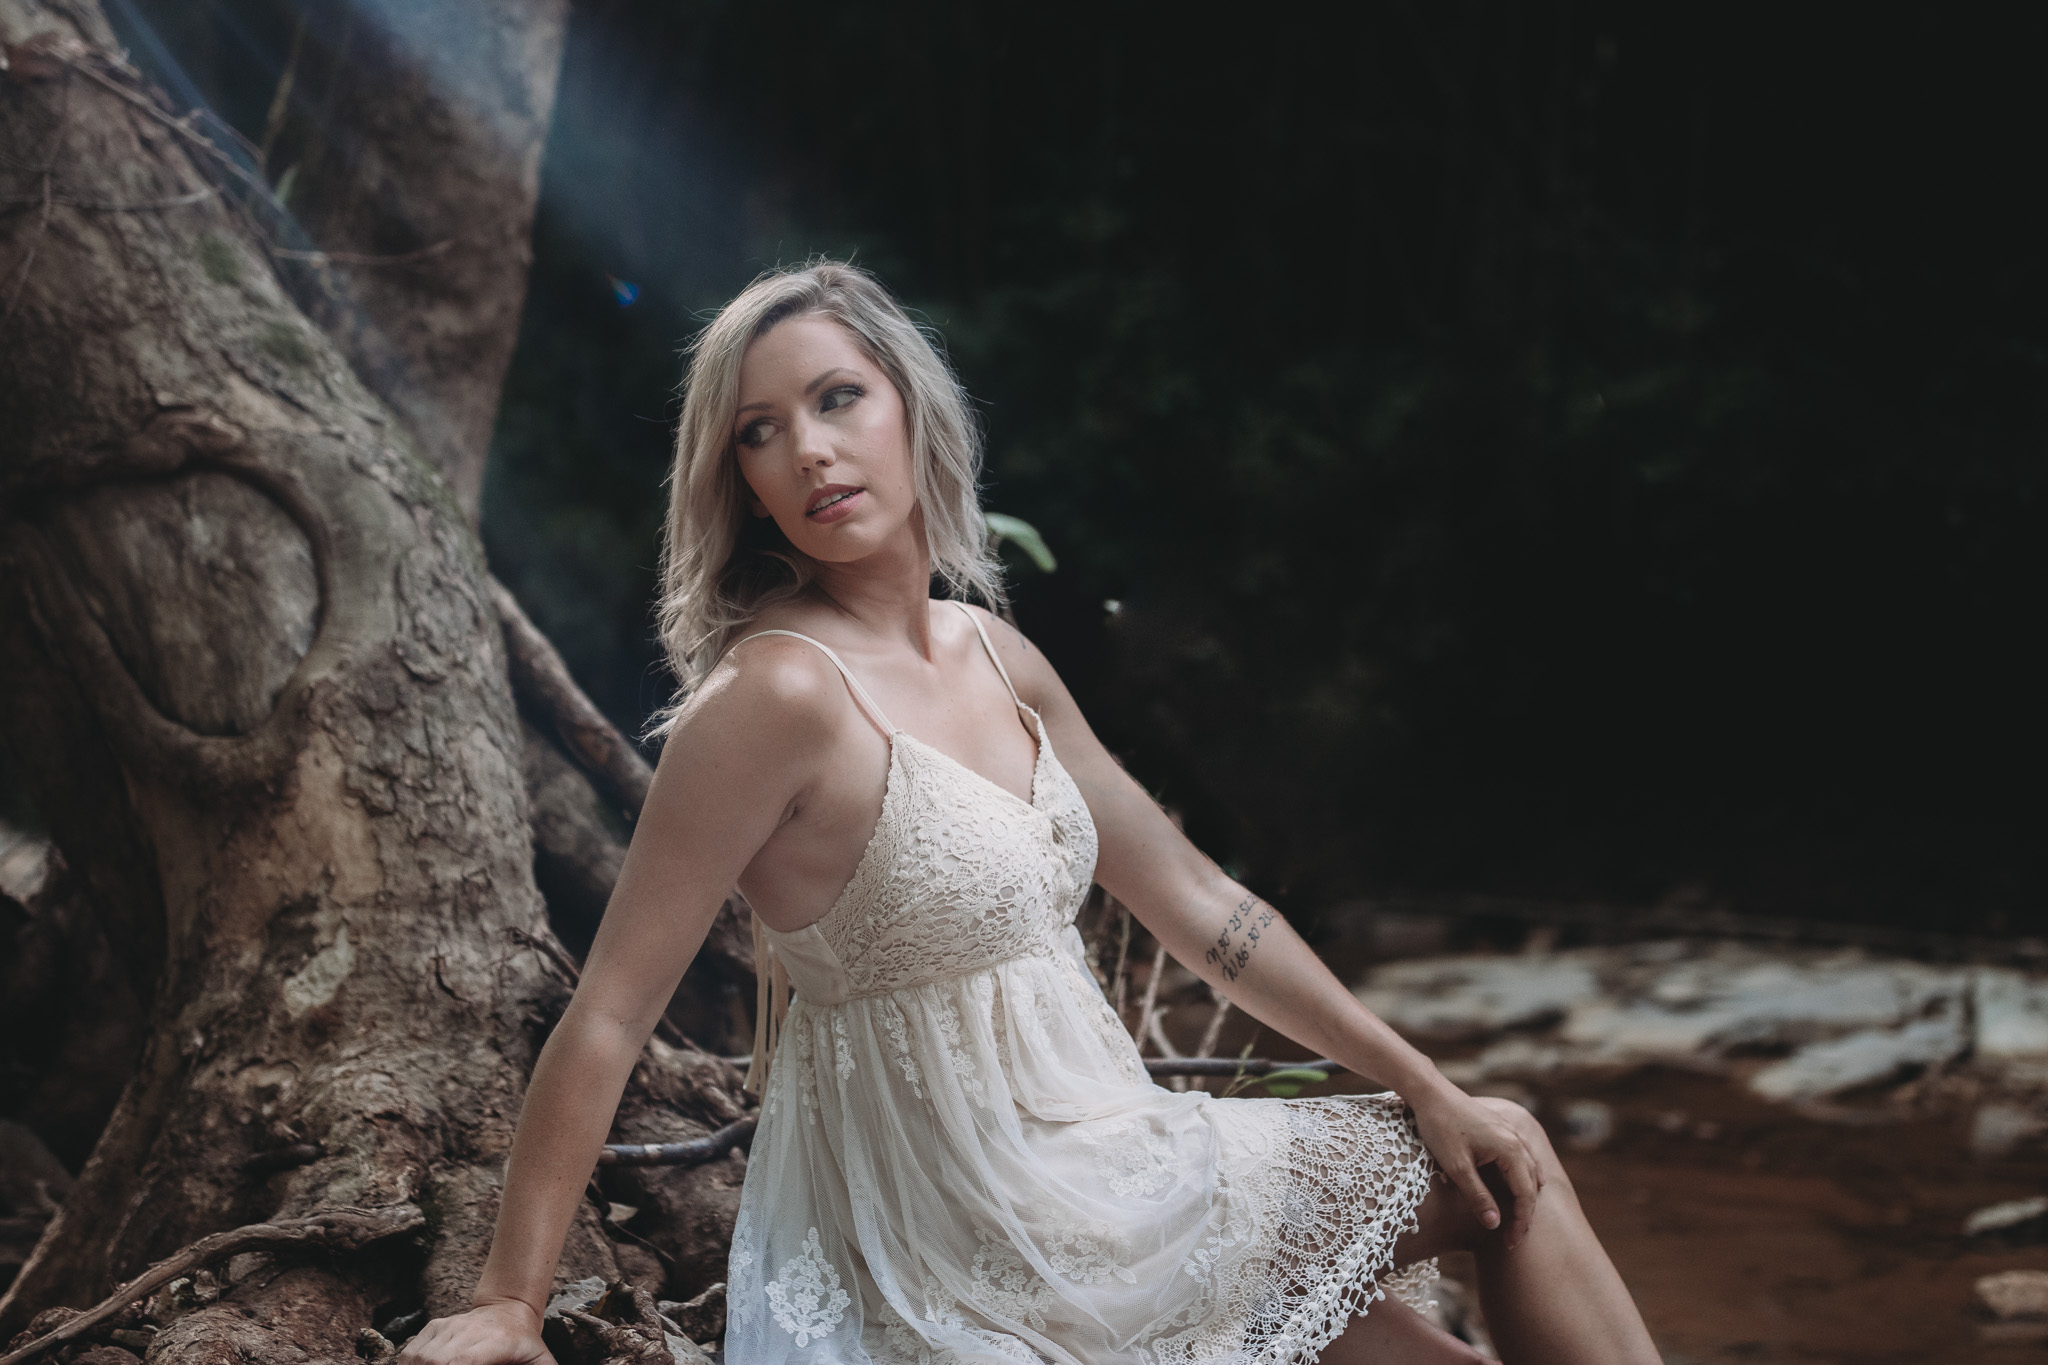 girl sitting on log outdoor boudoir